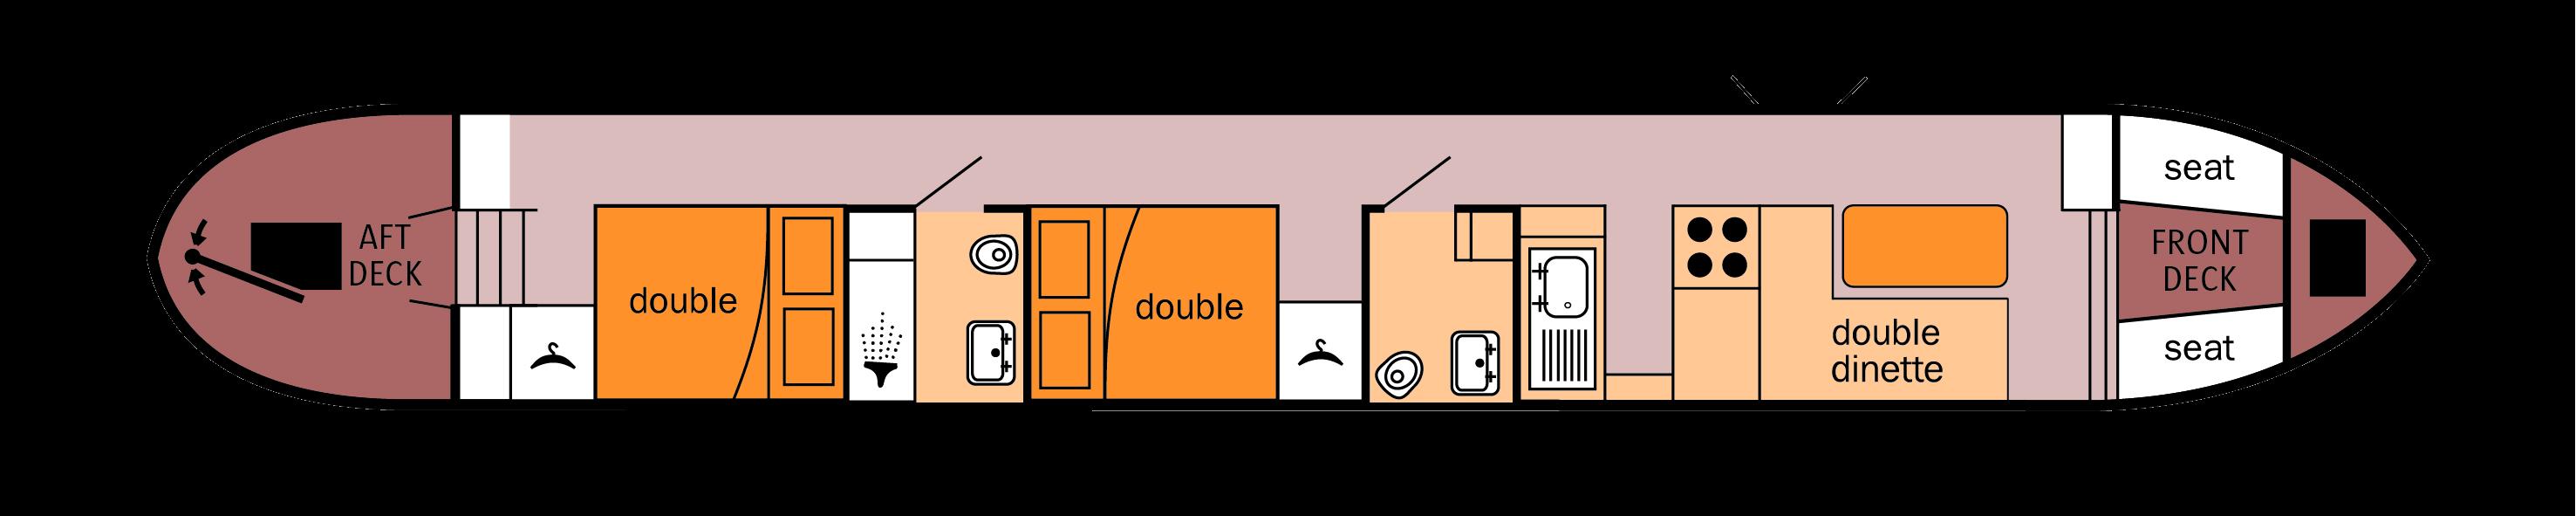 Spirit layout 2